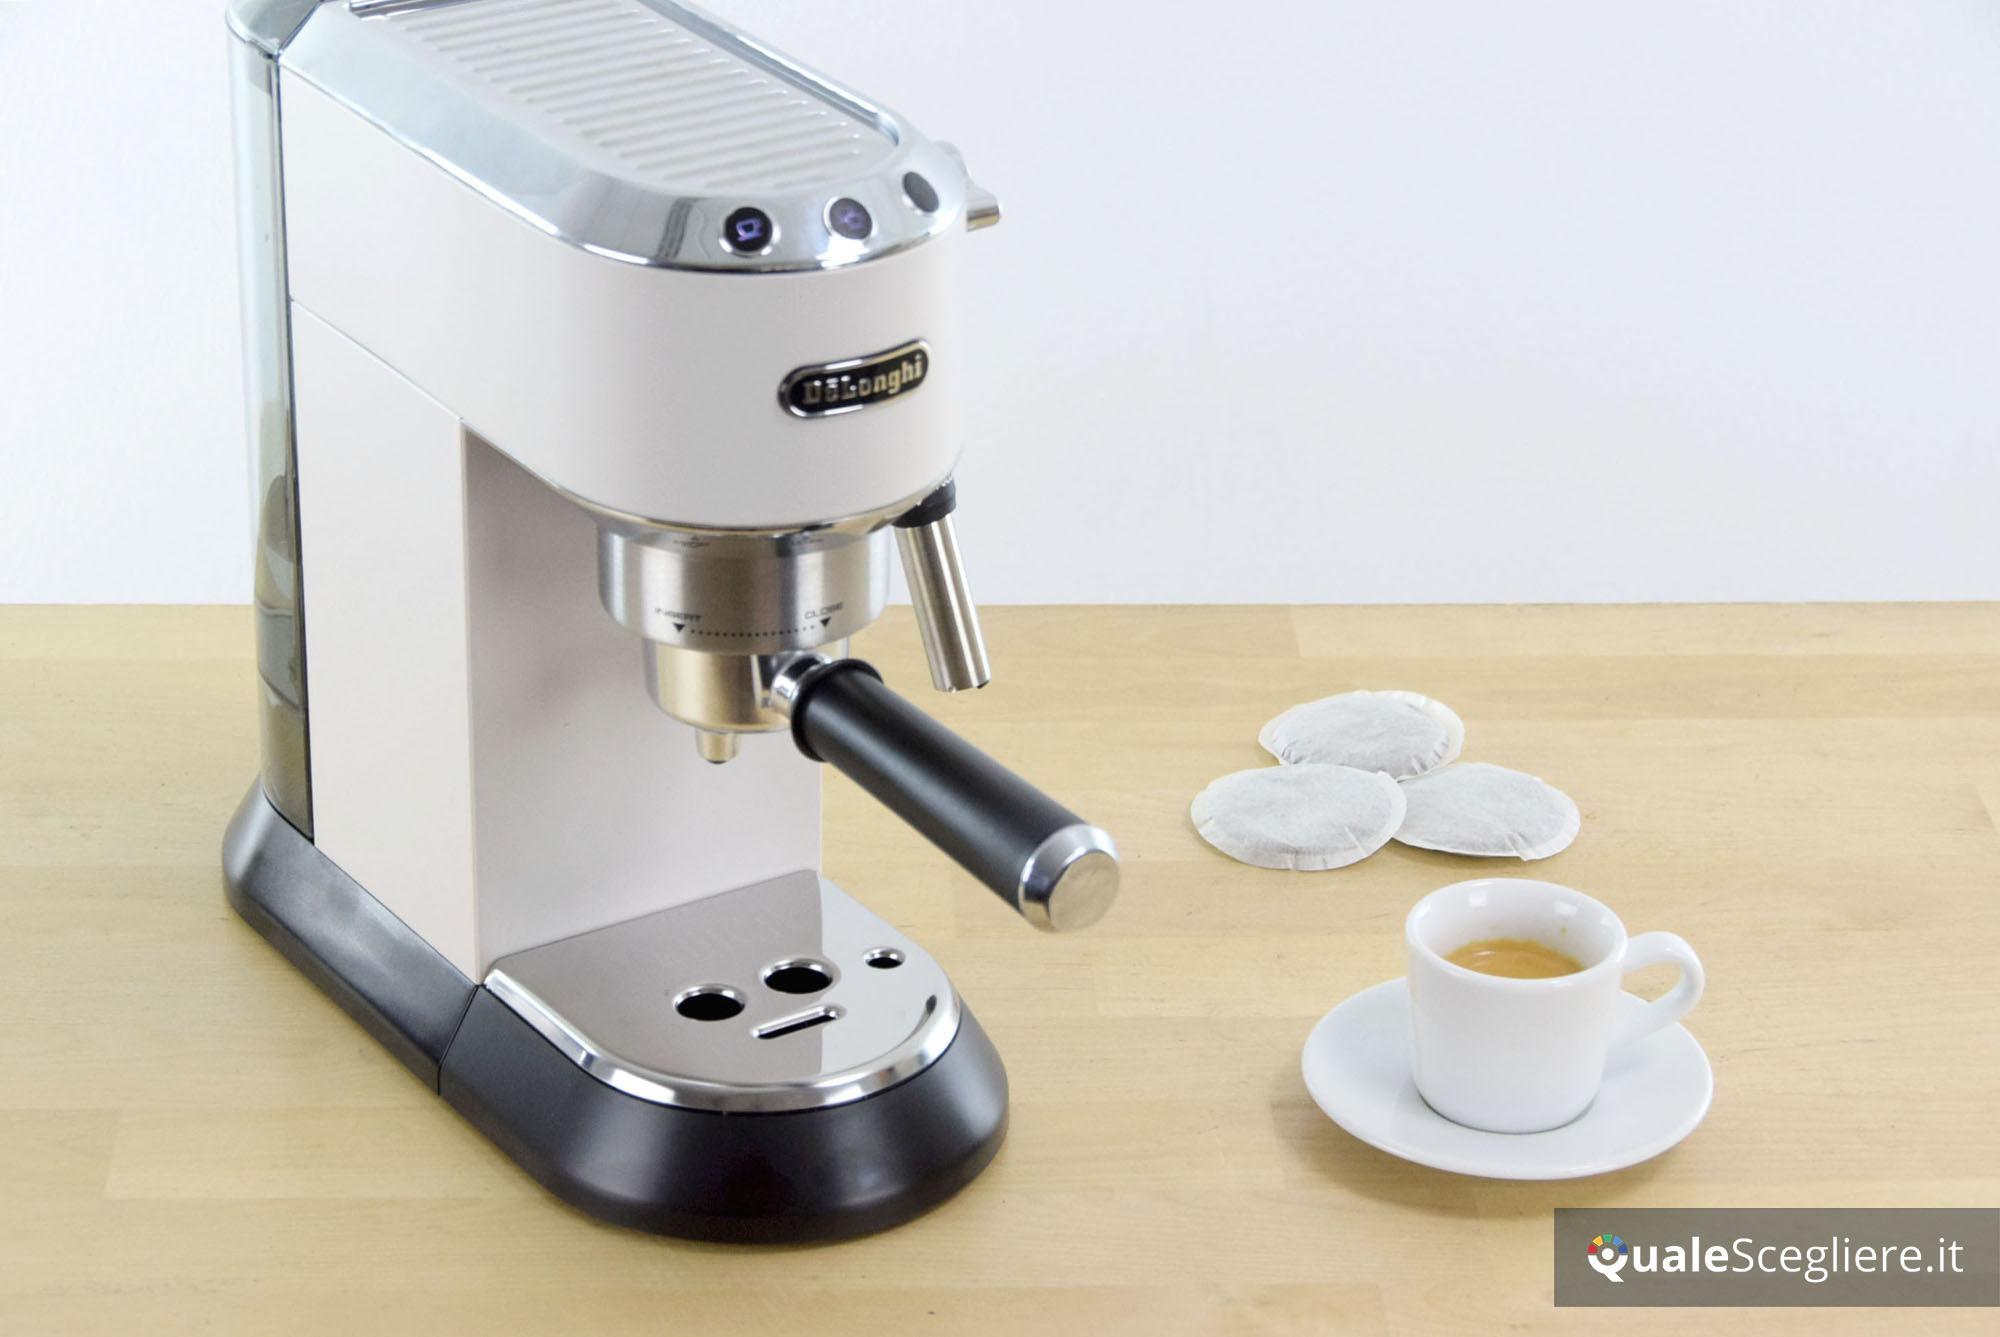 ▷ La migliore macchina da caffè del 2019? ⇒ Ecco quale scegliere!